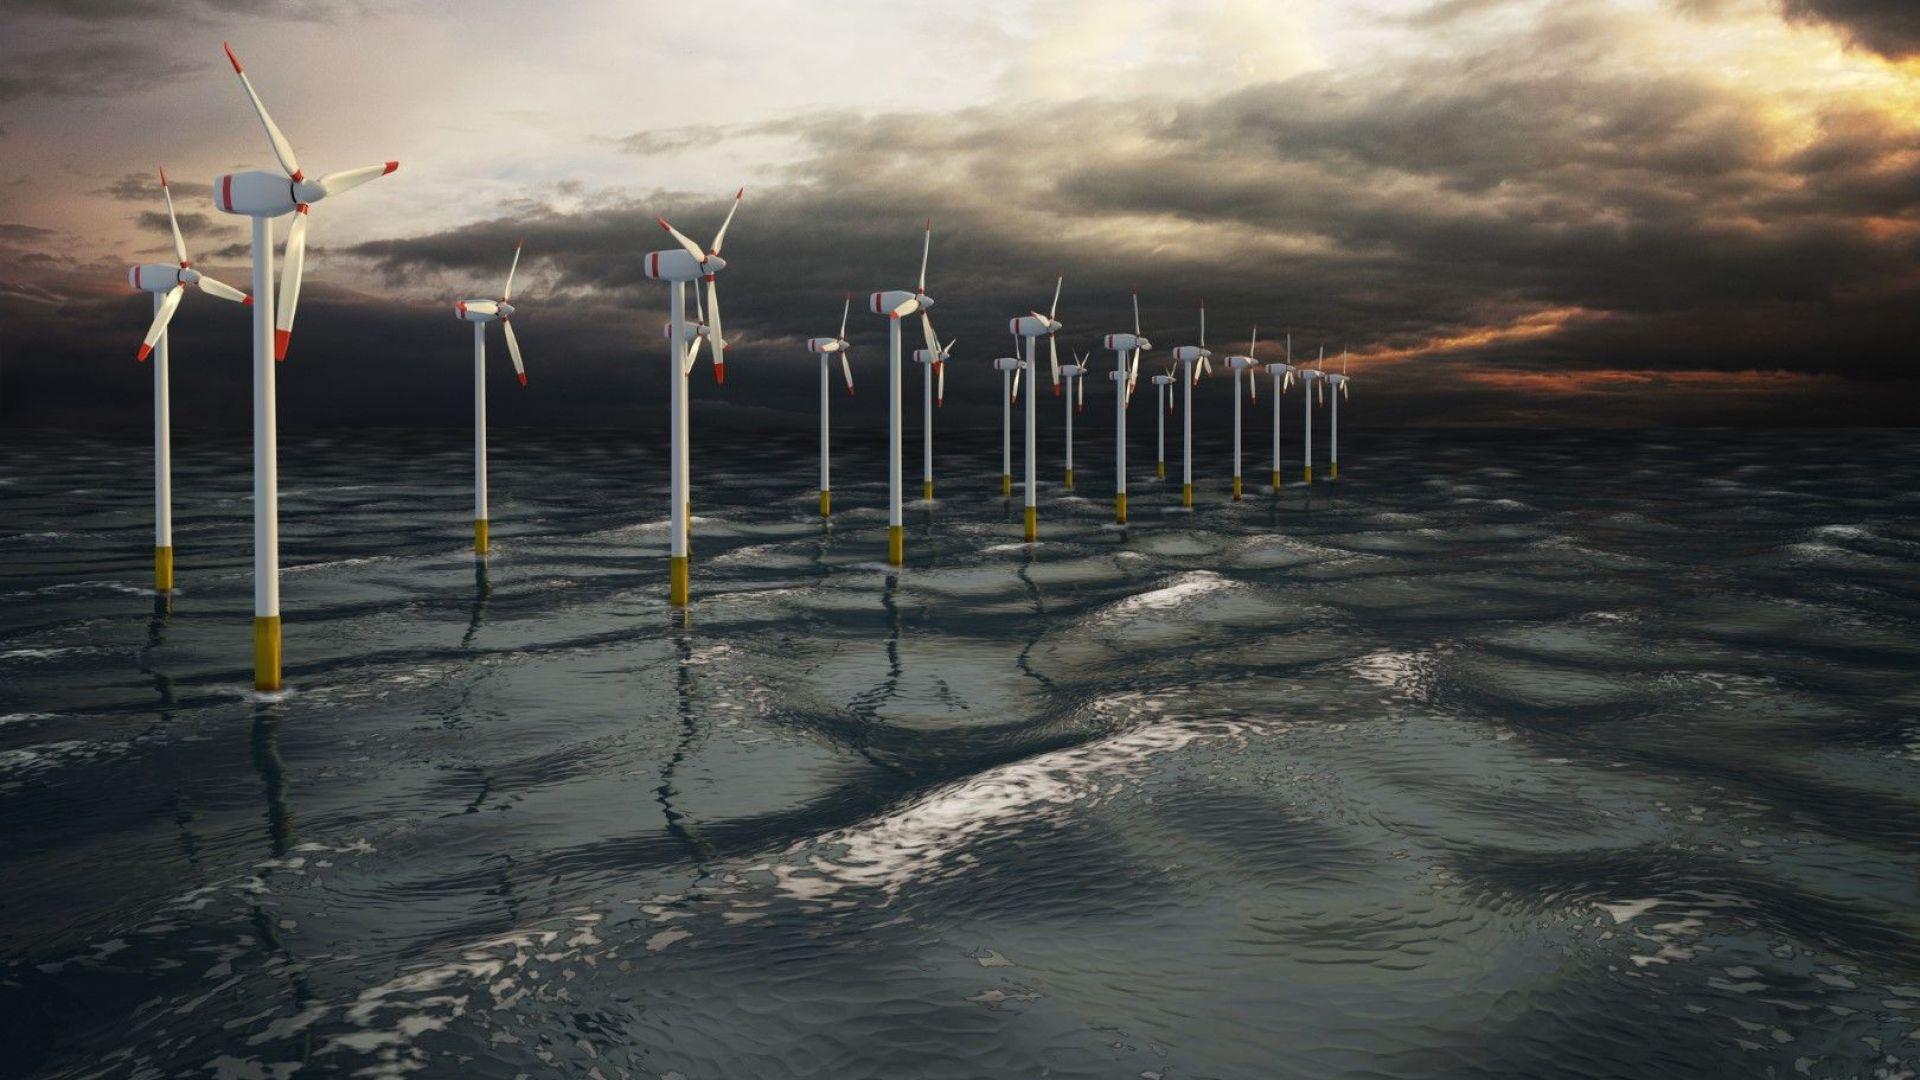 Очаква се бум на вятърните електроцентрали през следващите 10 години